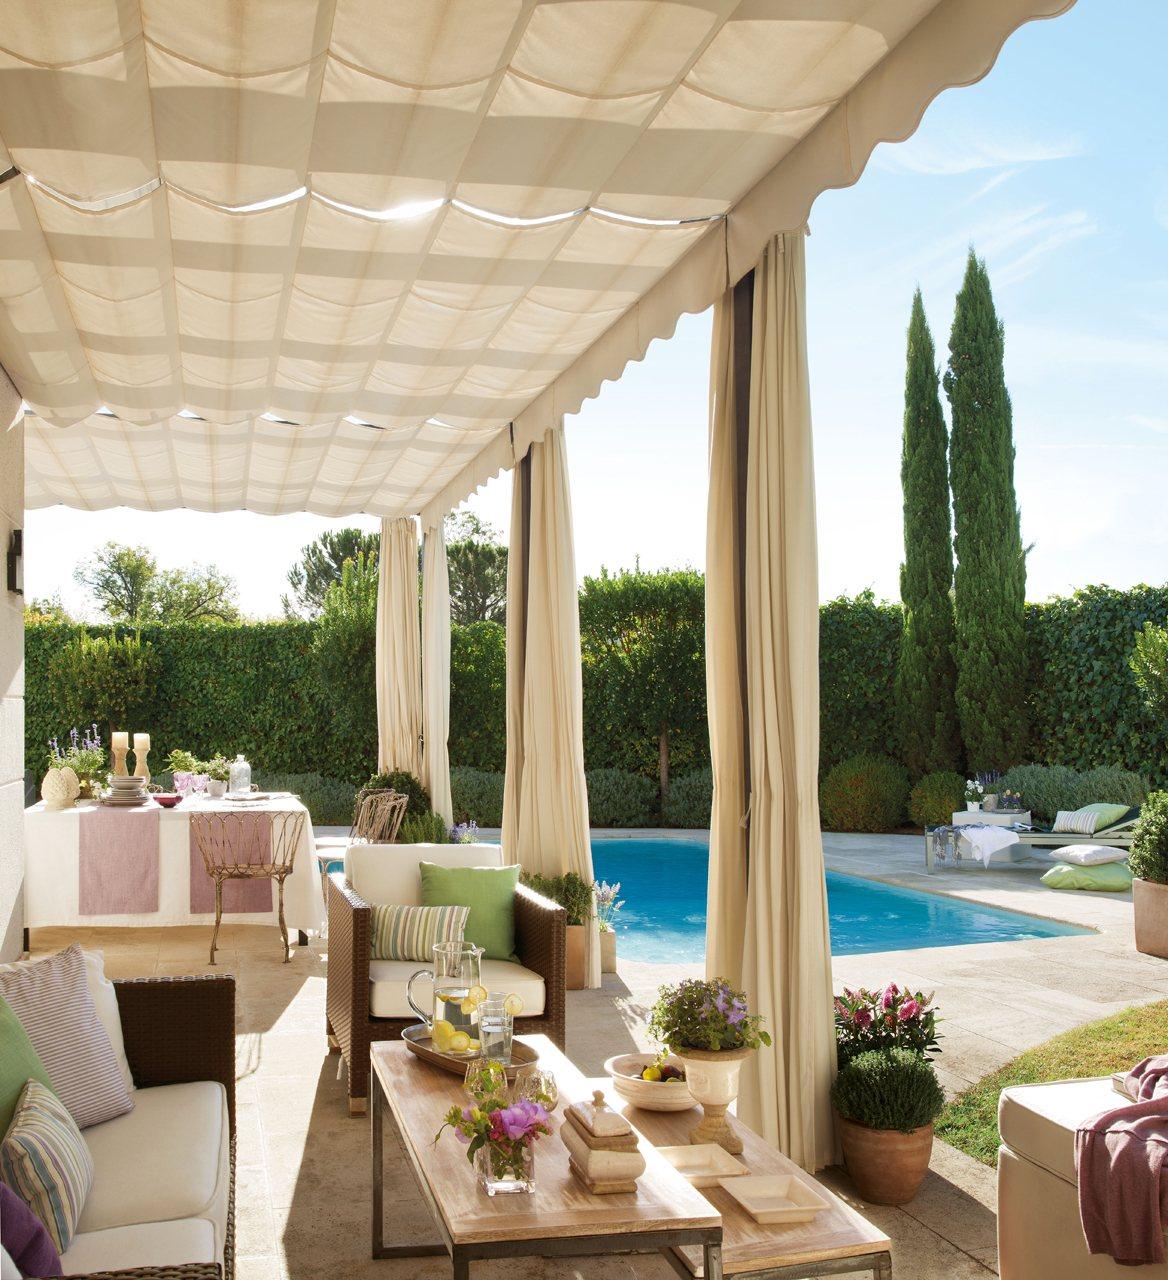 Una casa de madrid con piscina for Fotos de casas con piscina interior